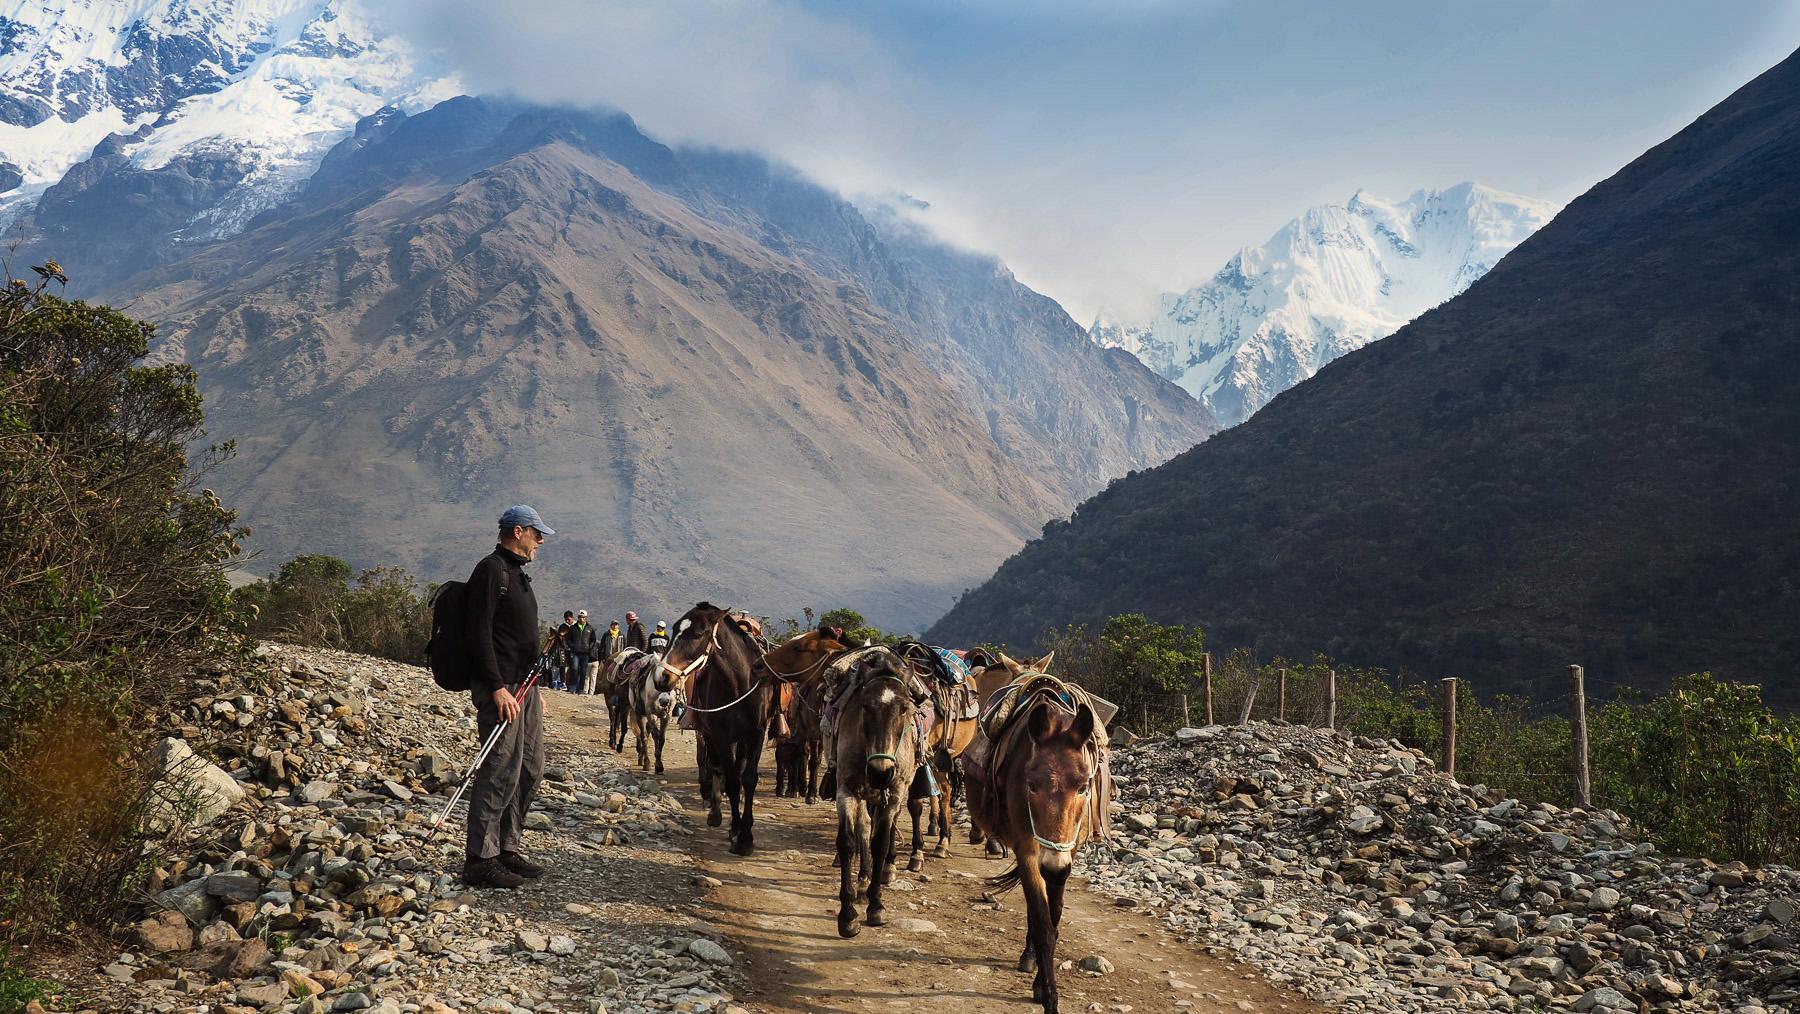 Trekkinggruppen begegnen uns auf unserer Wanderung